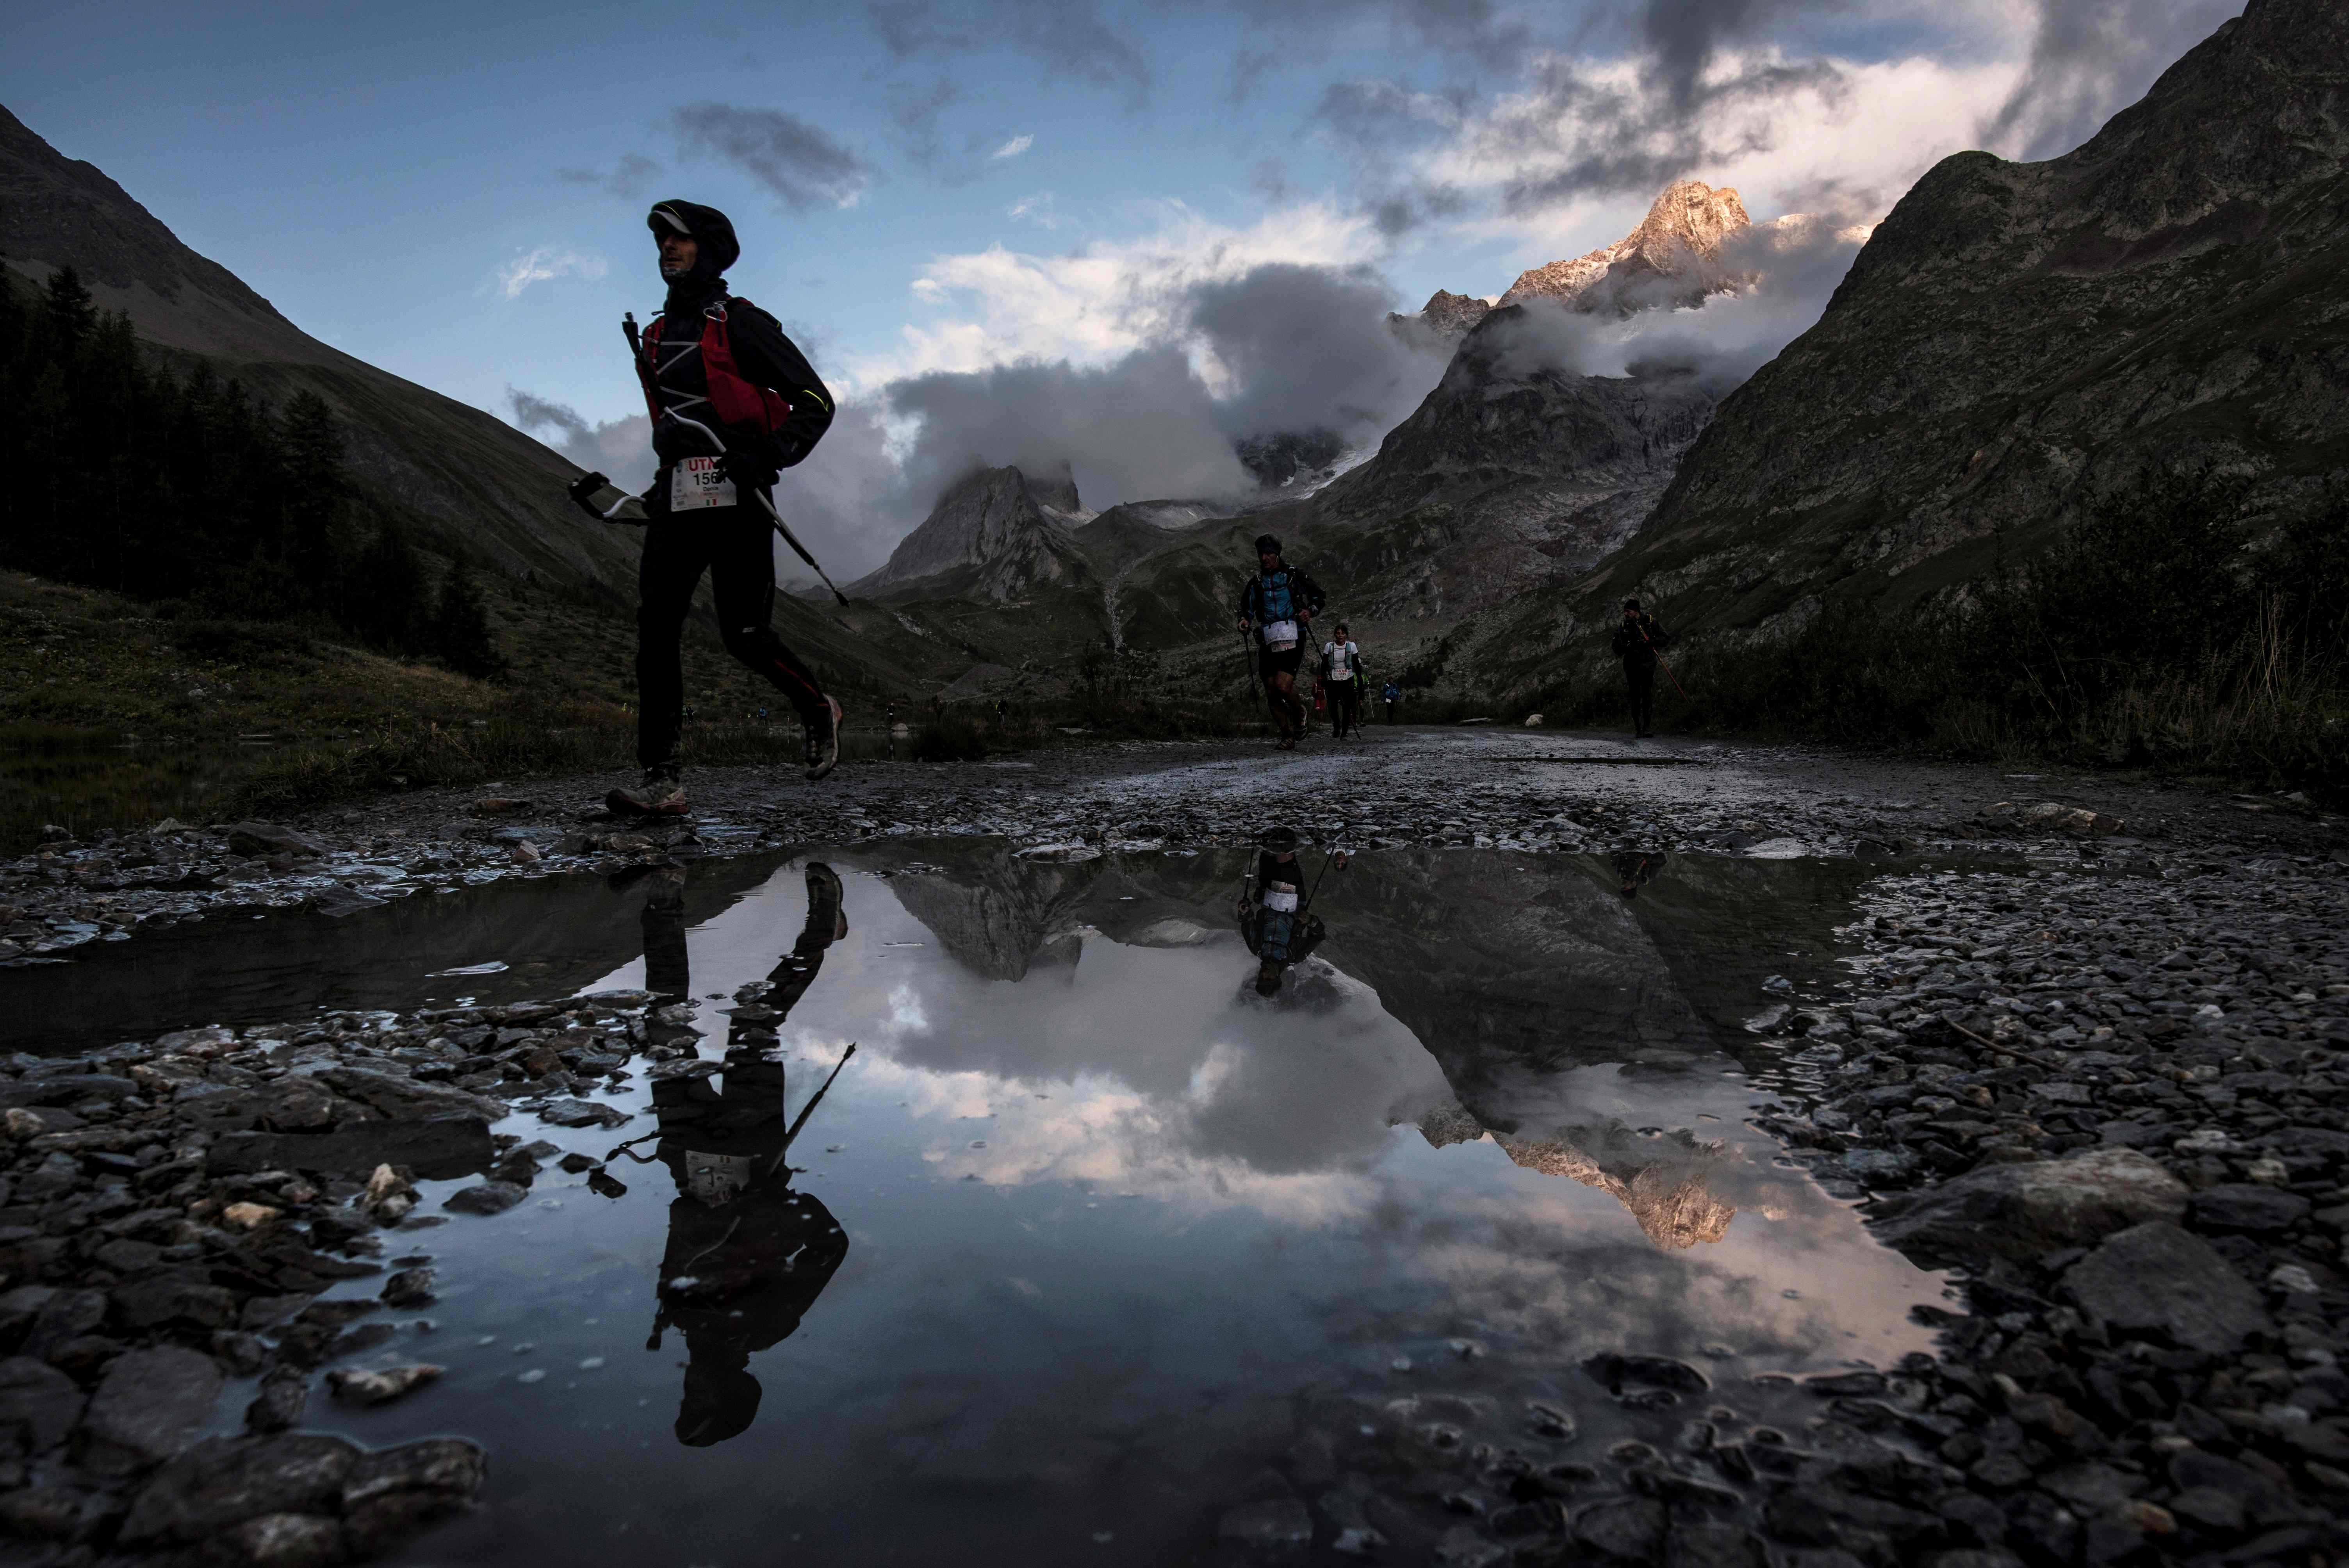 Ultra trail du mont blanc 2017 r cit d une course dantesque free zone - Mois du blanc 2017 ...